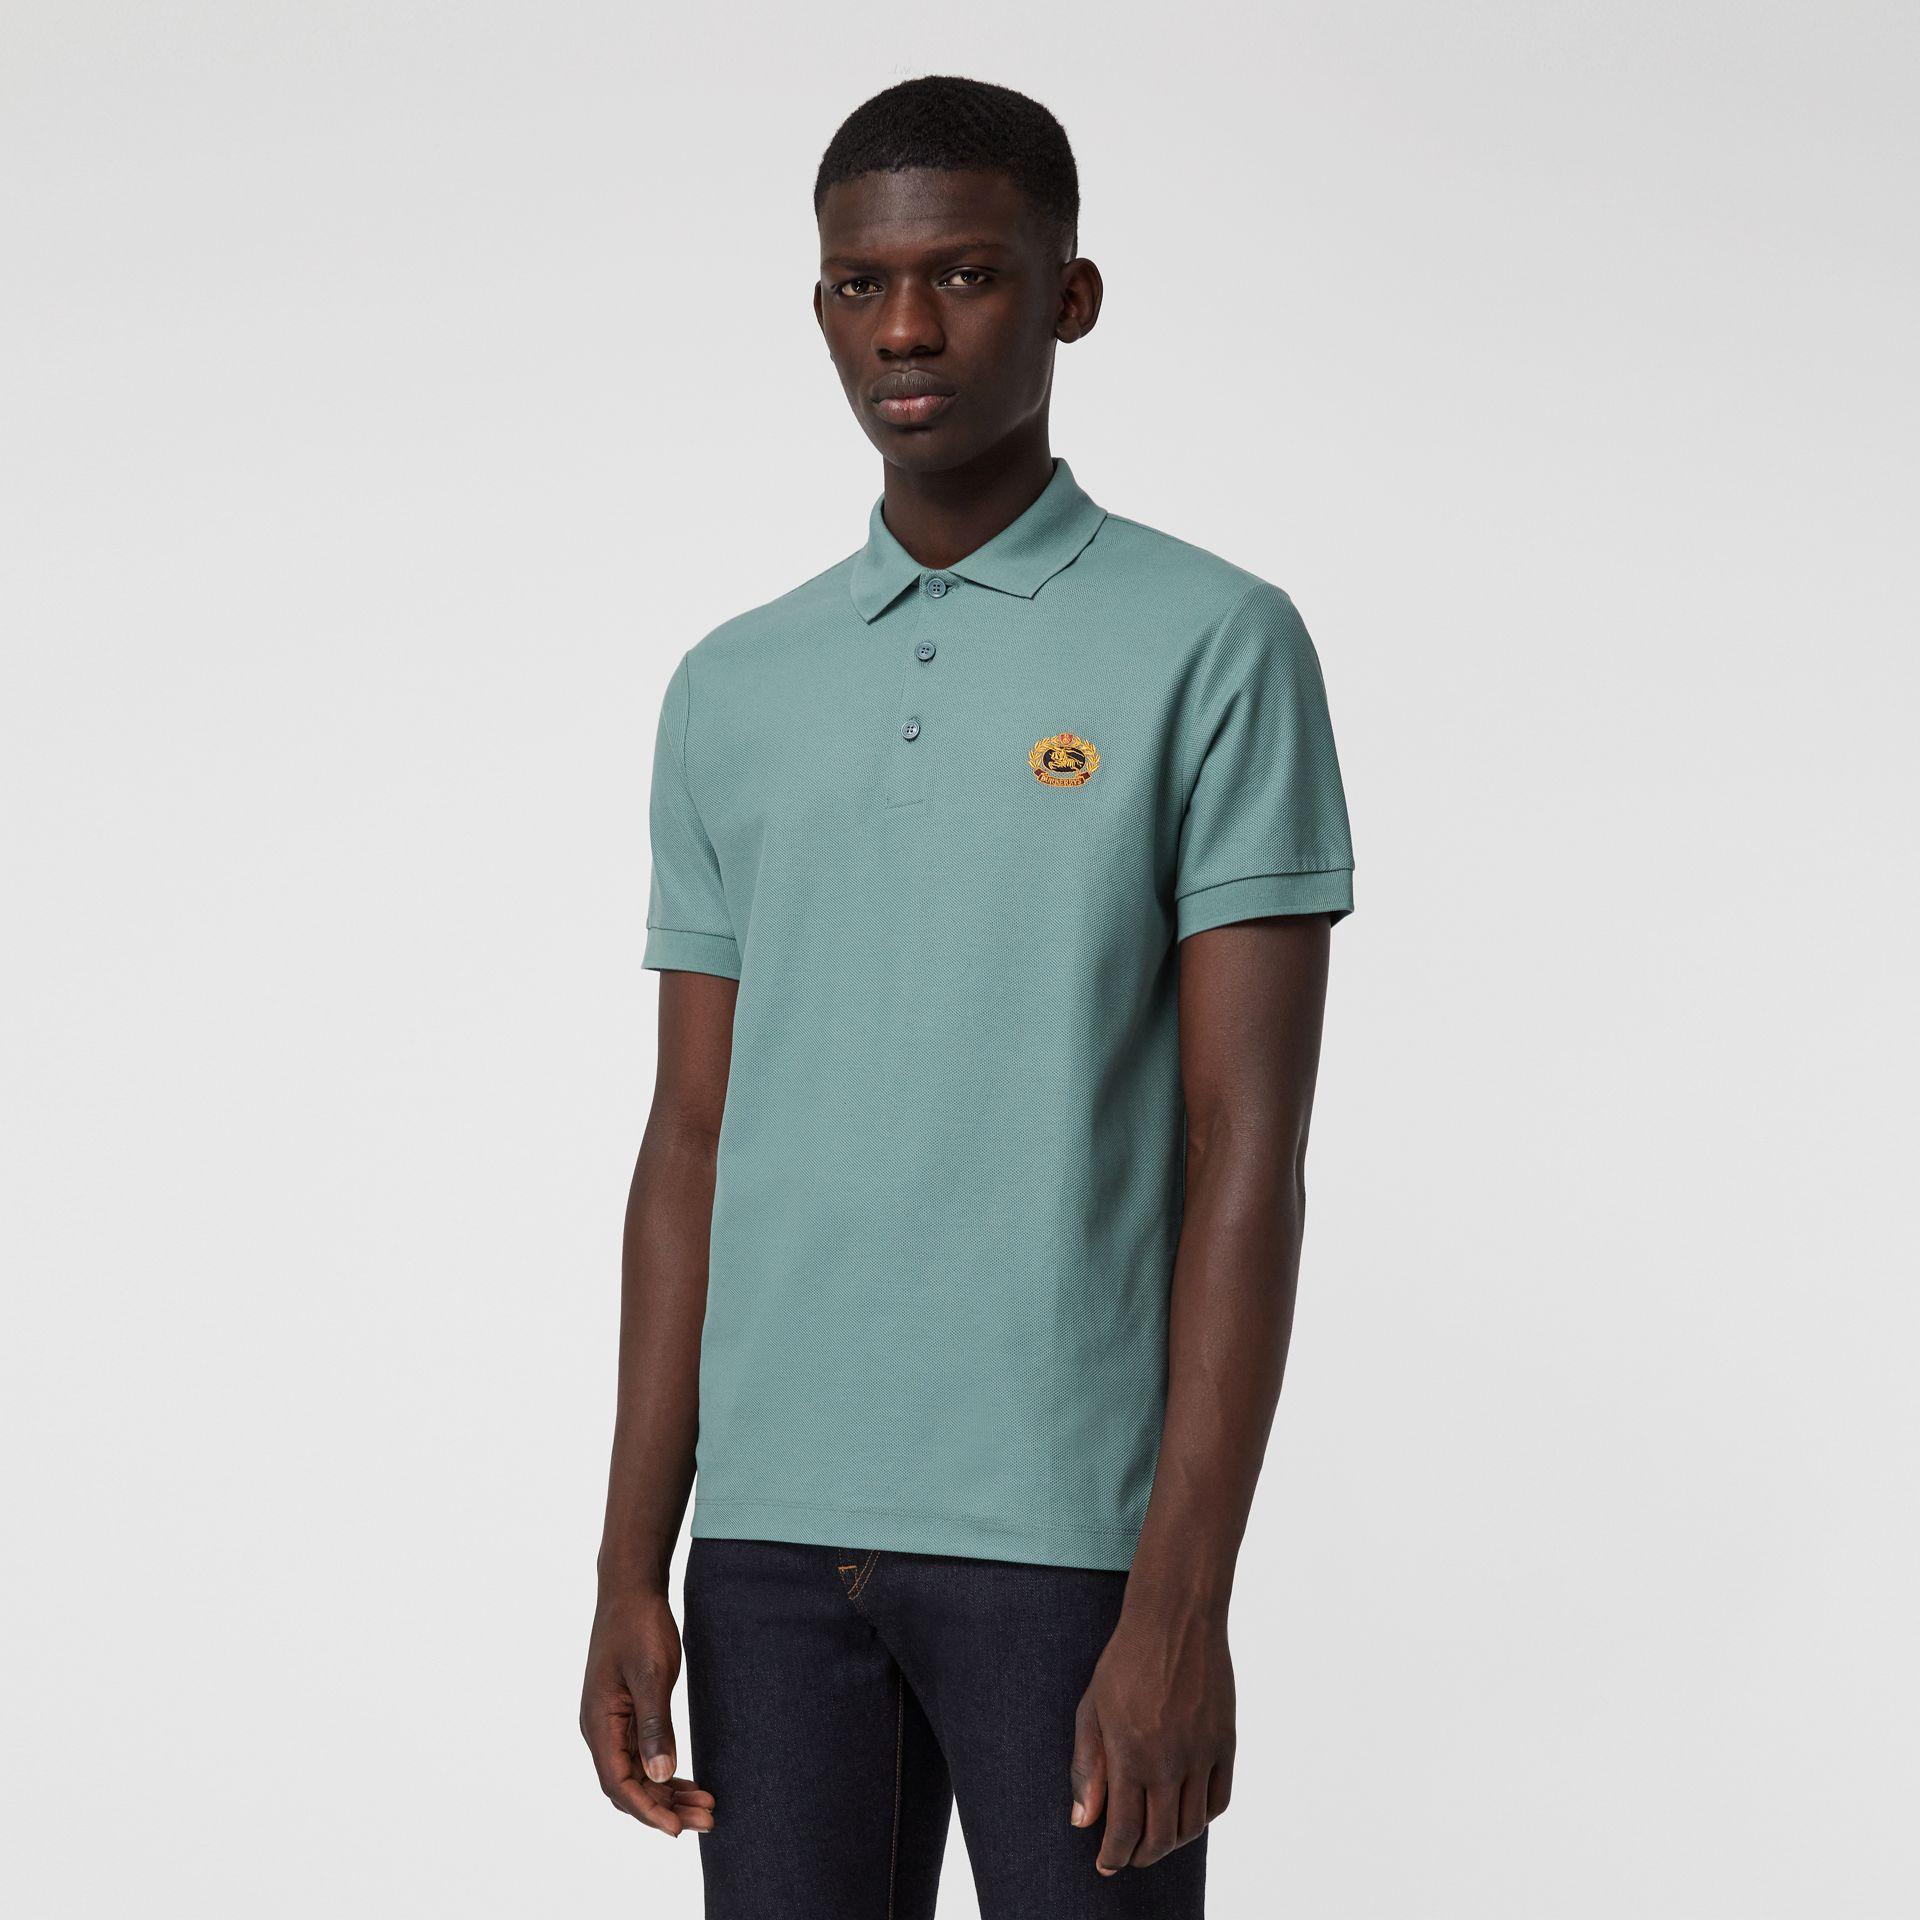 Poloshirt aus Baumwollpiqué mit Vintage-Logo (Rauchiges Blaugrün) - Herren | Burberry - Galerie-Bild 4